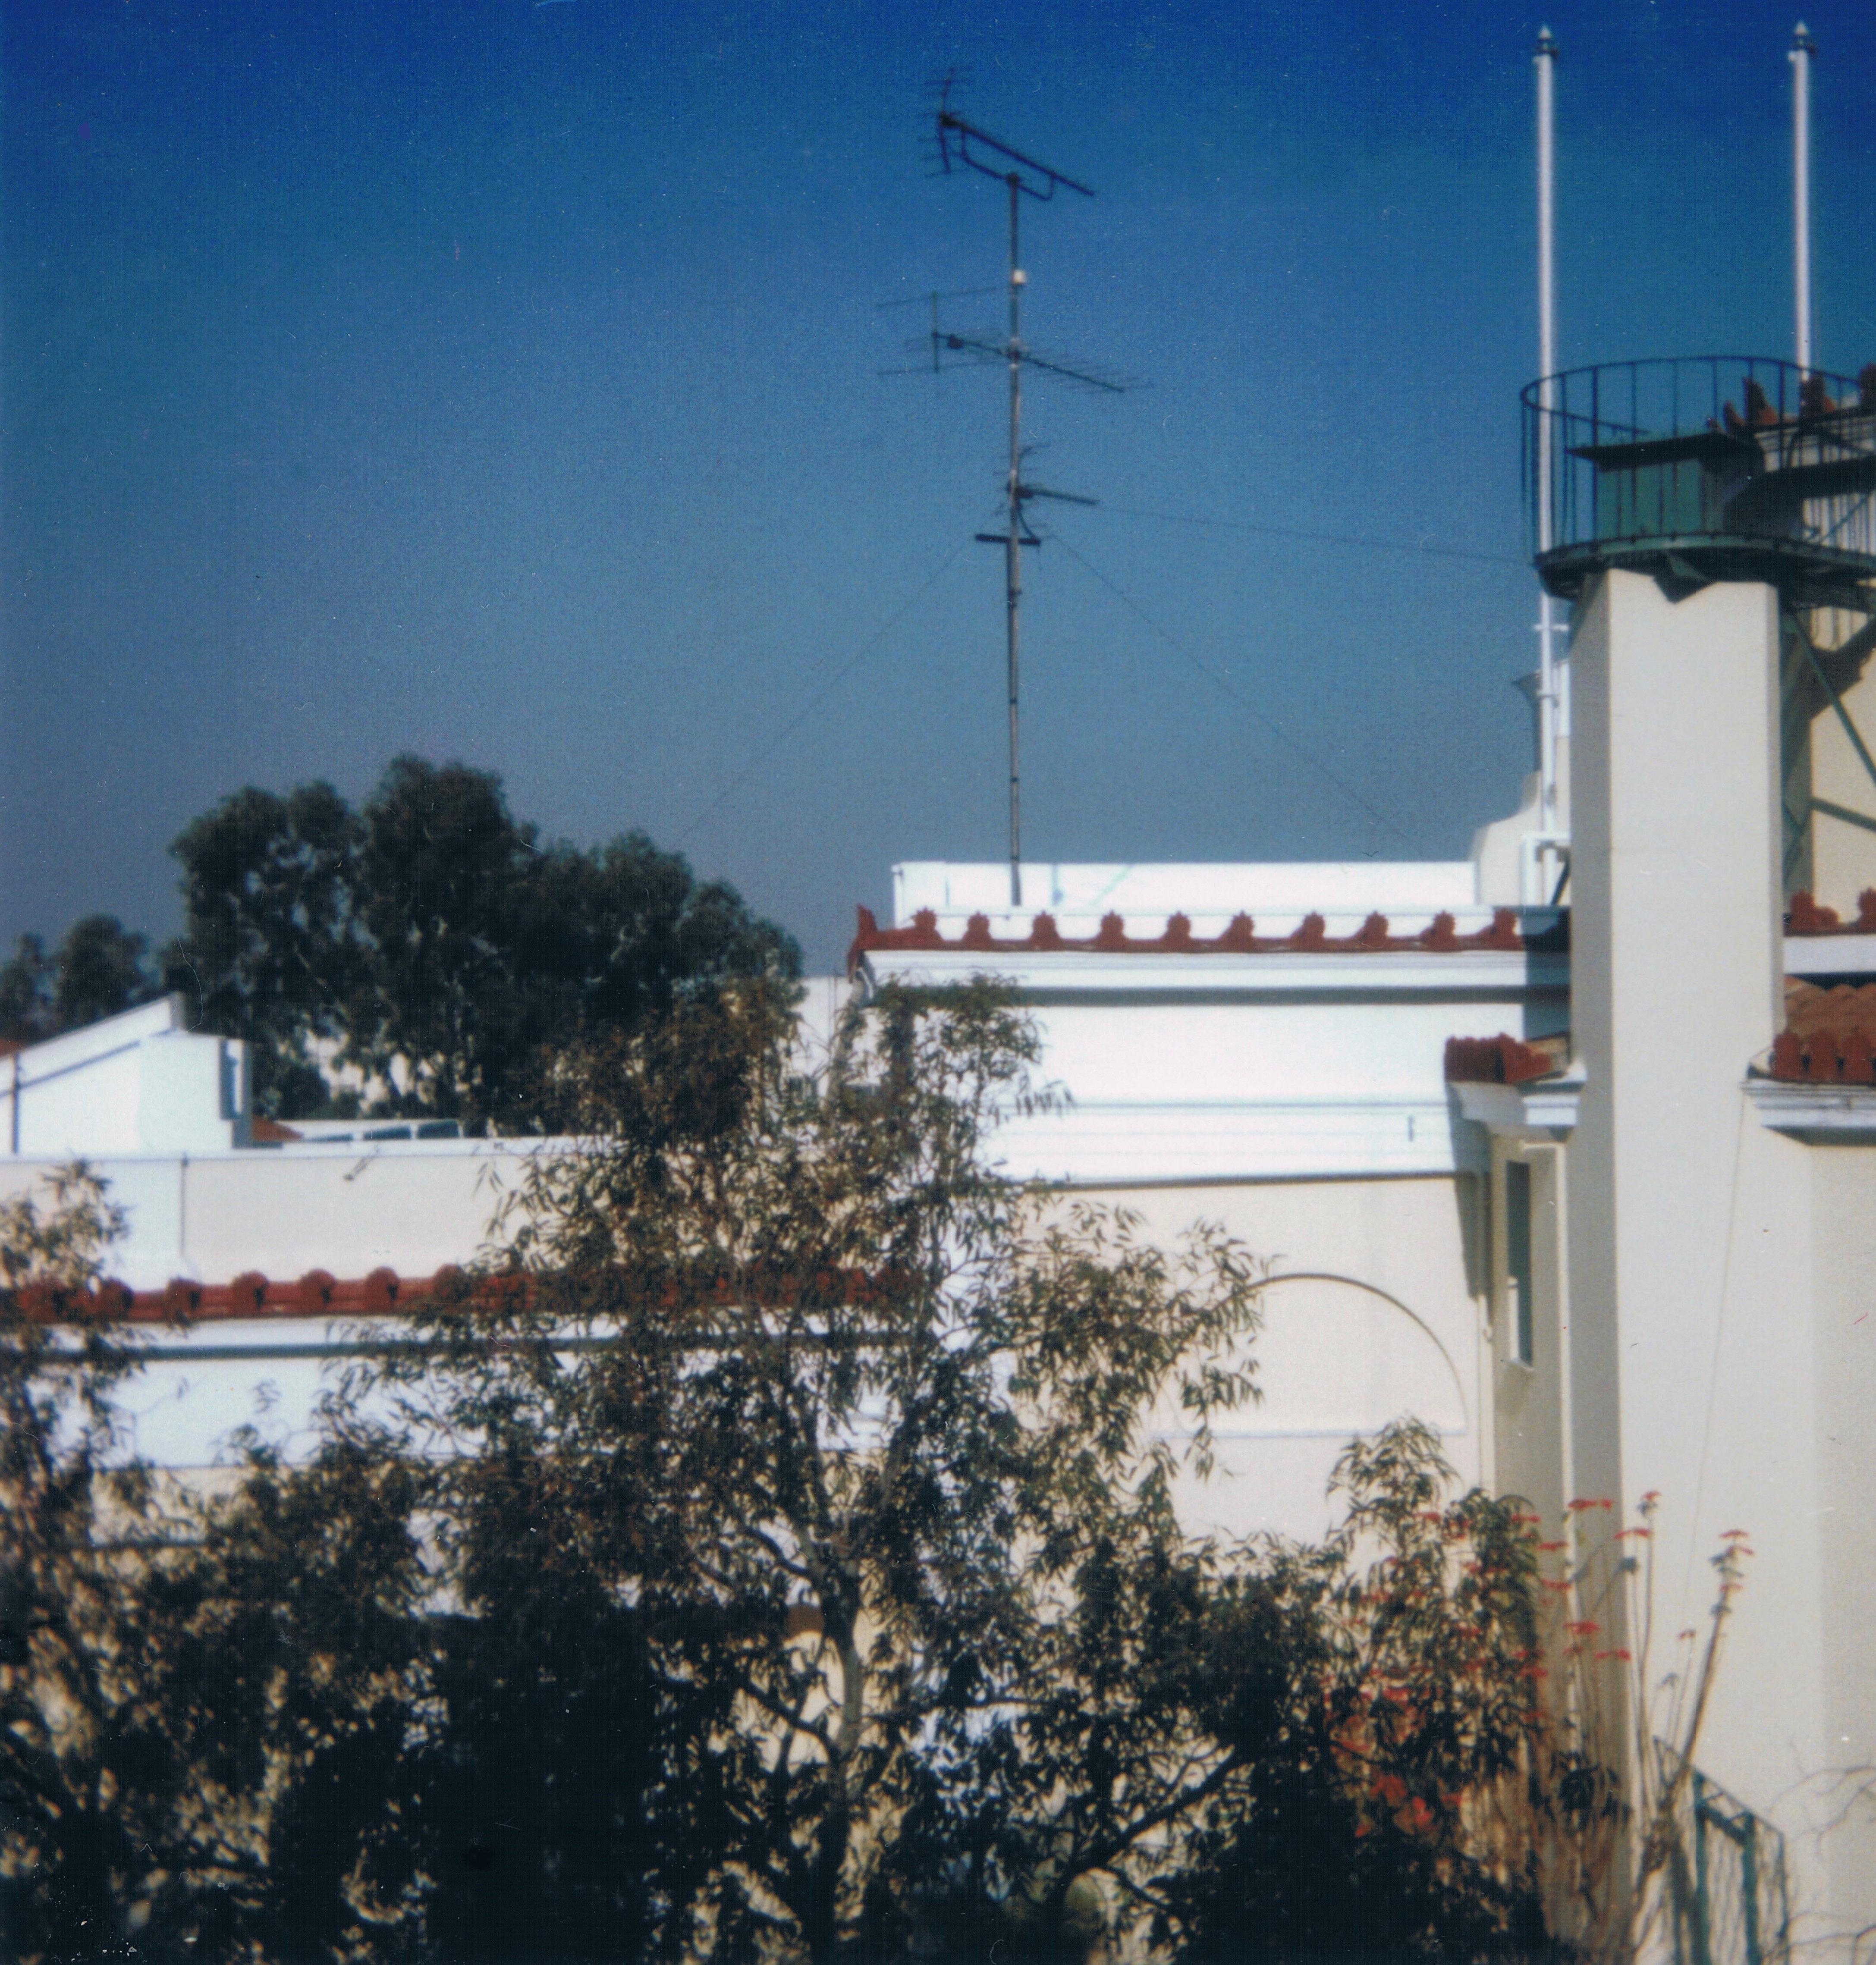 Le toit et la terrasse de la bibliothèque vus depuis la fenêtre de la chambre 16 de l'Annexe, février 1997 ©Marie-Cécile Navet